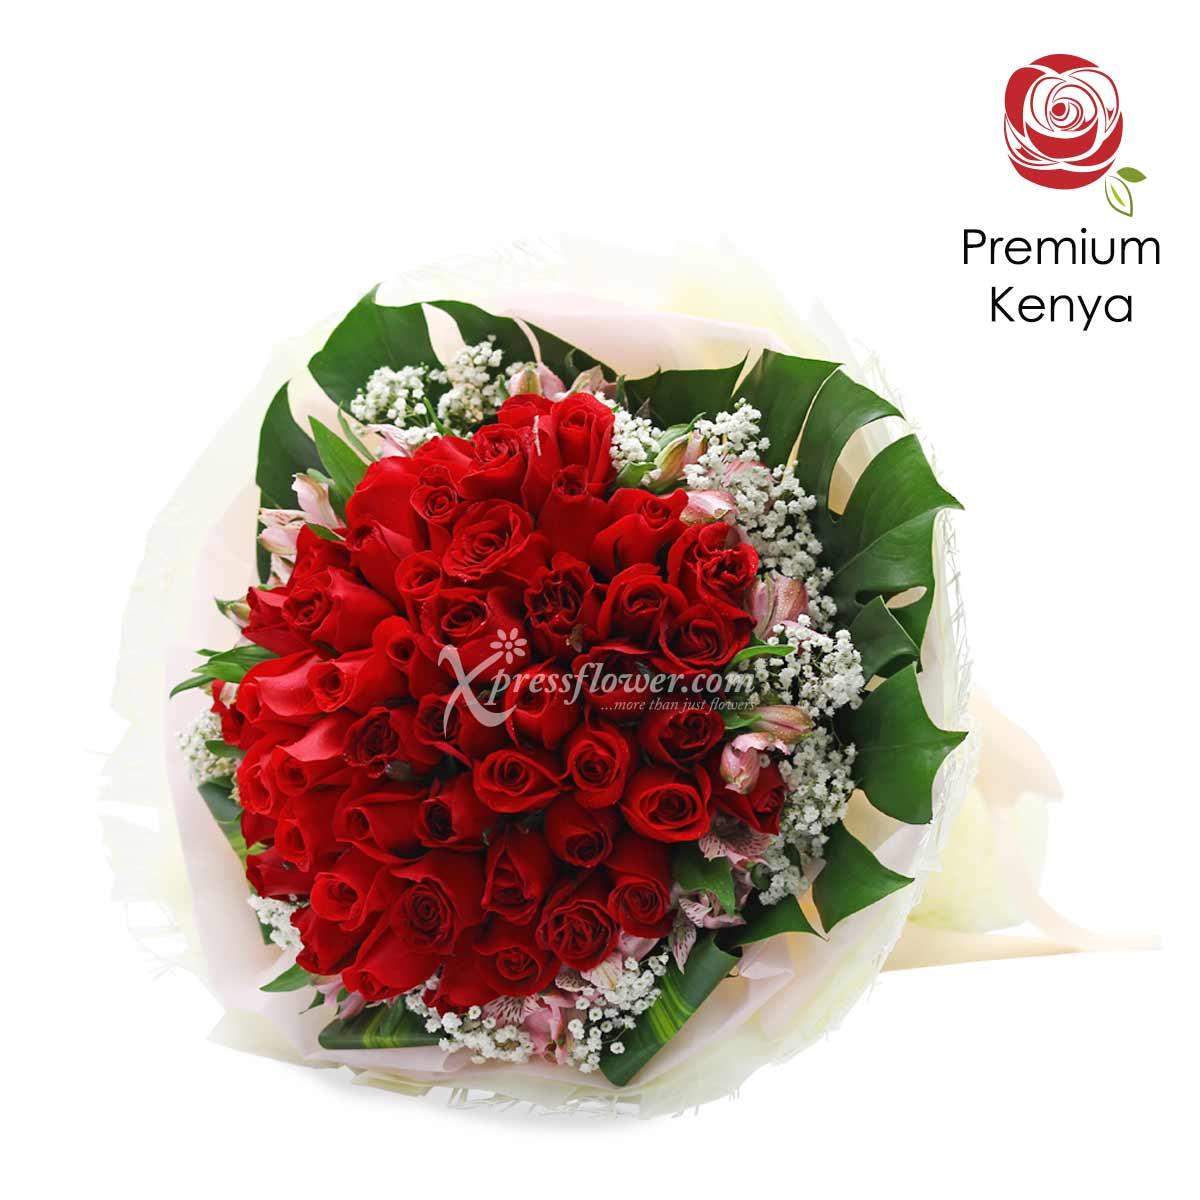 My Universe (50 stalks Premium Kenya Roses)